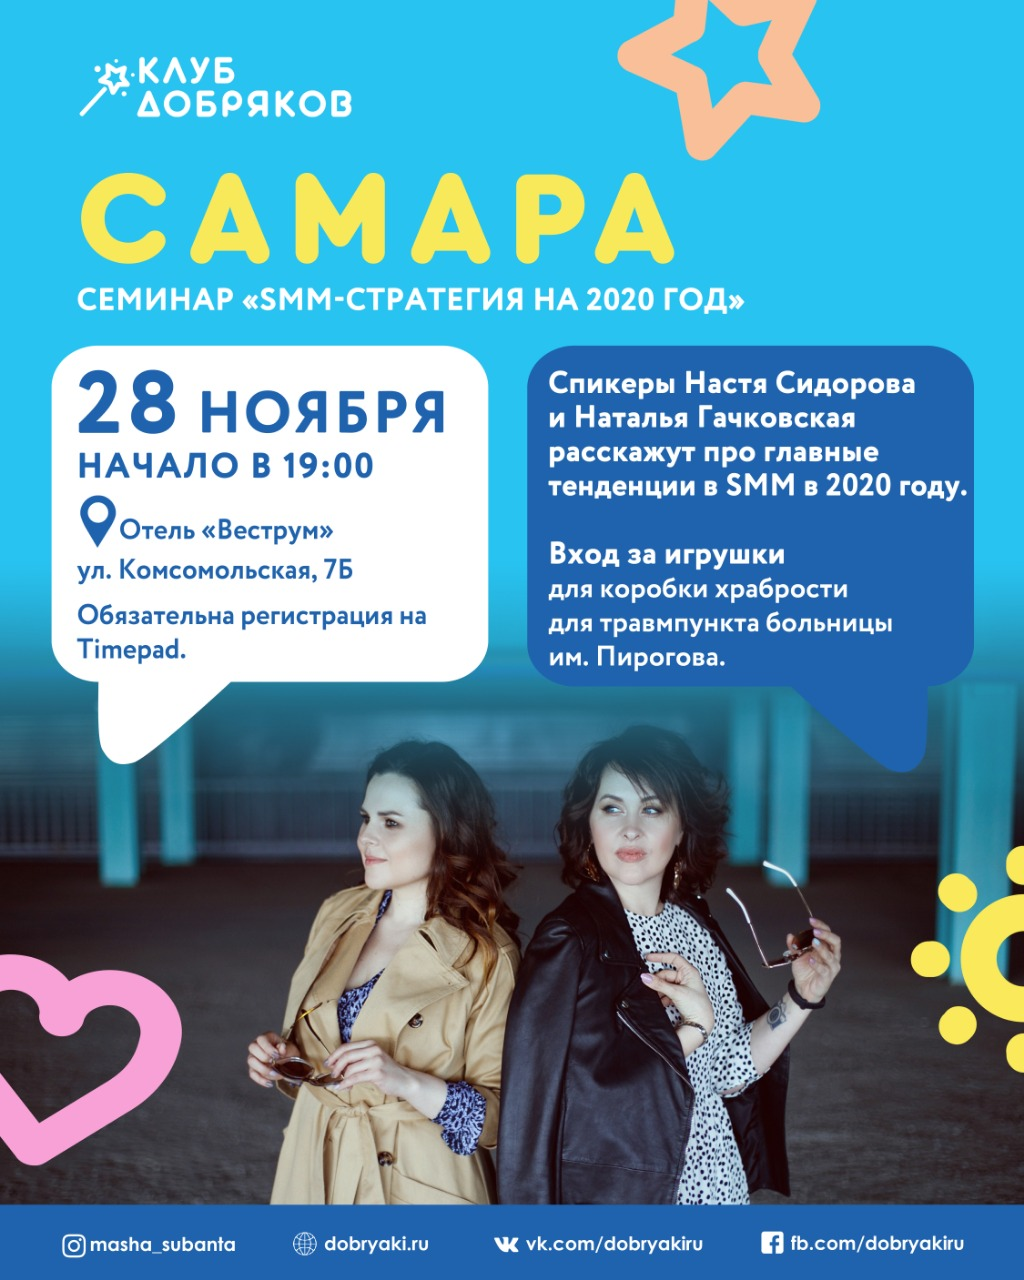 """В Самаре пройдет семинар """"SMM-стратегия на 2020 год"""""""